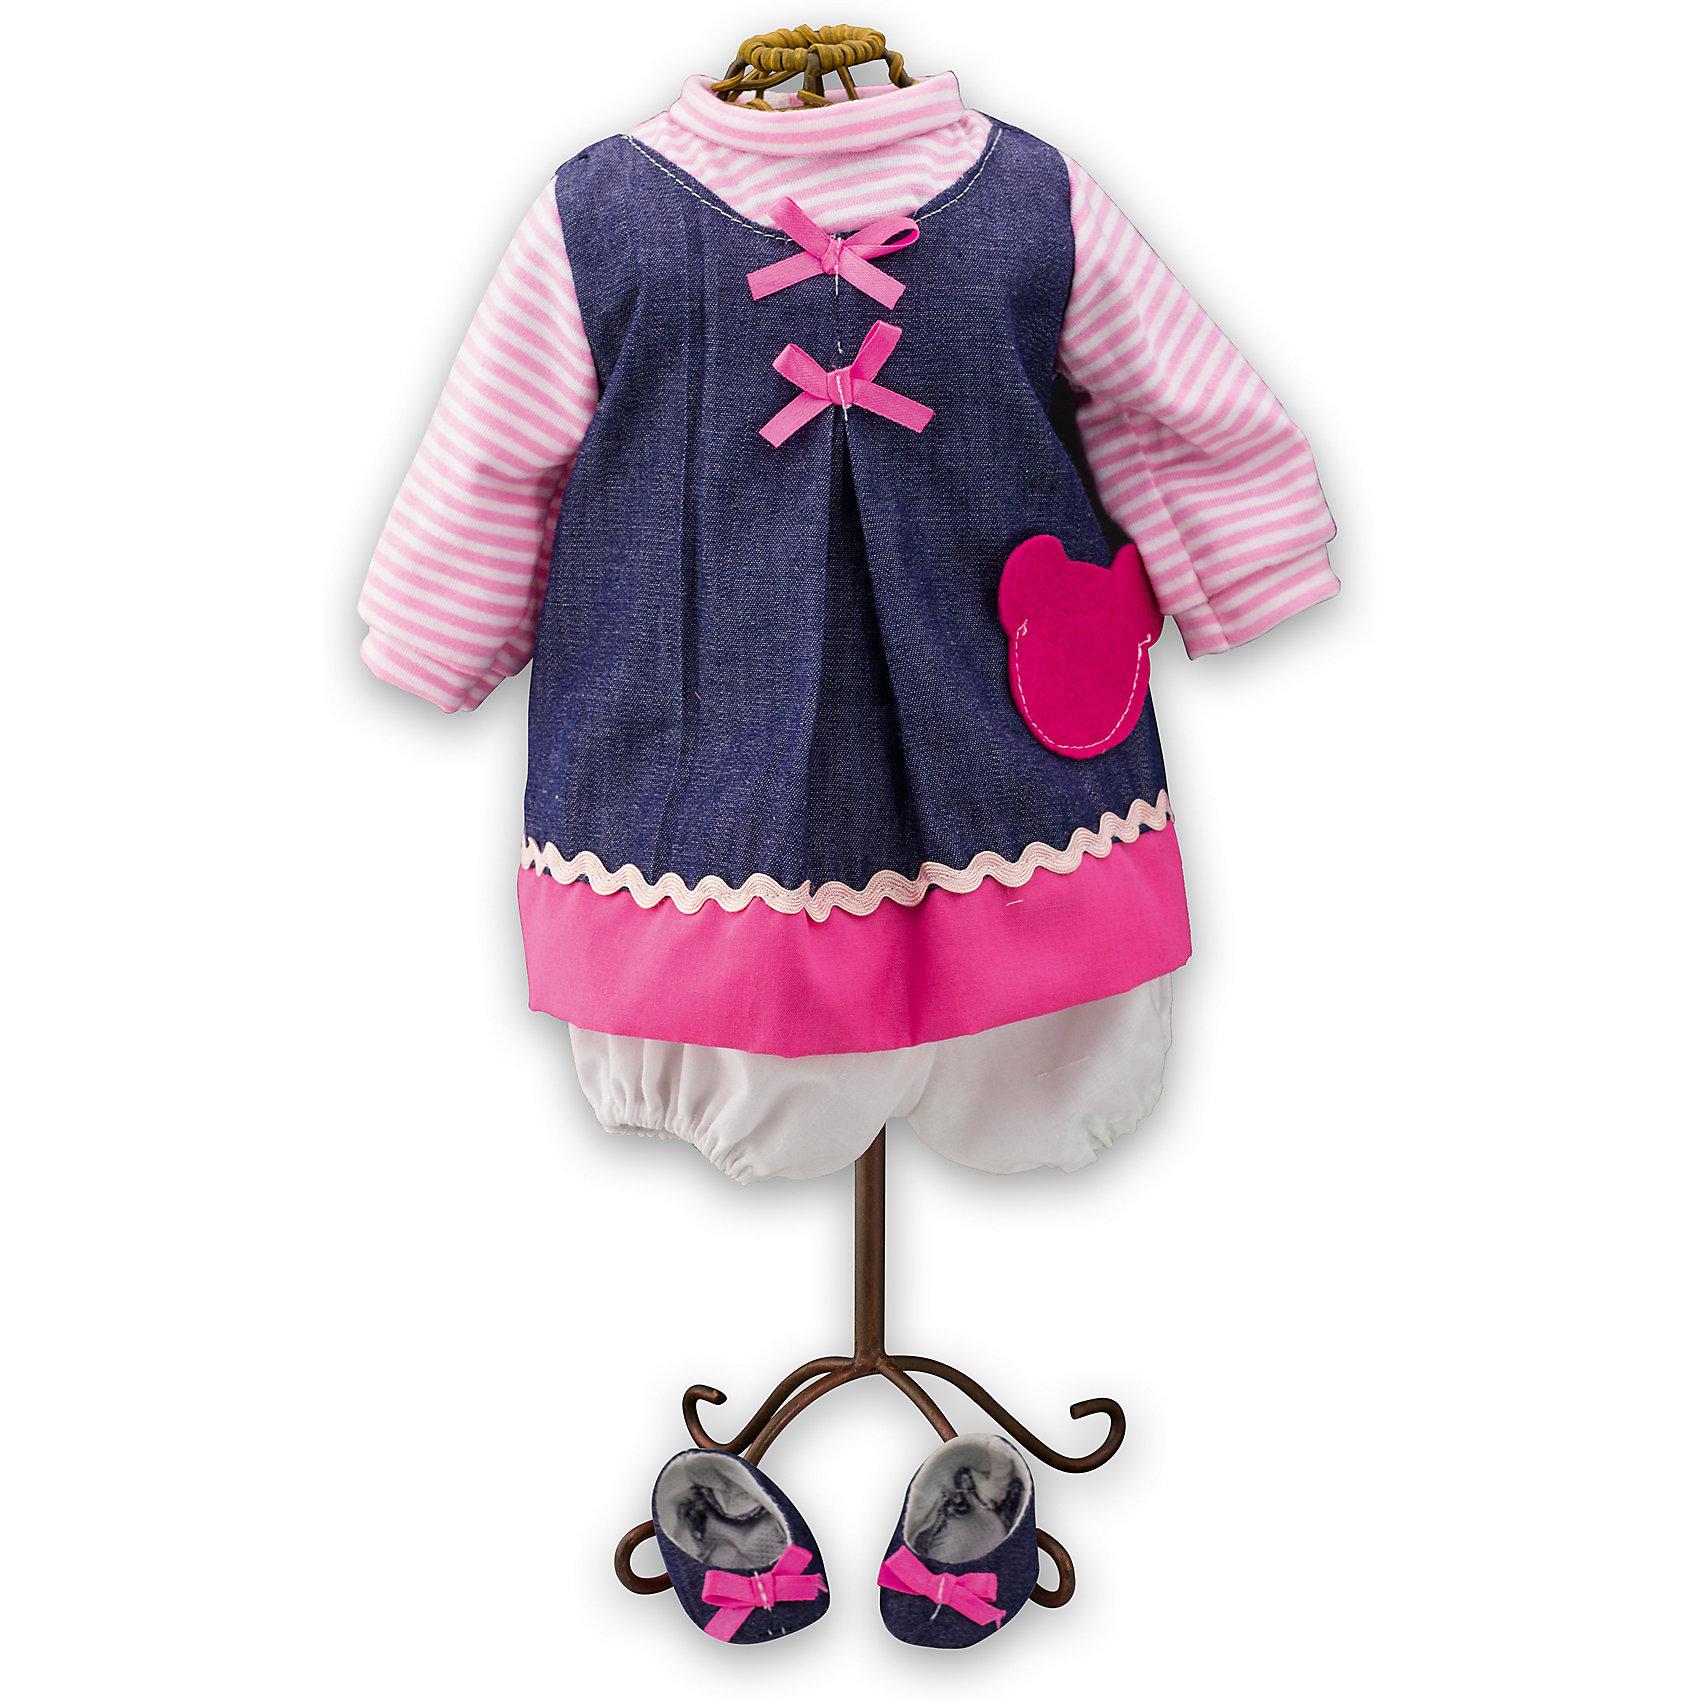 Одежда для куклы девочки Baby Pink, Loko ToysКукольная одежда и аксессуары<br>Характеристики товара:<br><br>• возраст: от 10 месяцев;<br>• материал: текстиль;<br>• в комплекте: платье, туфли;<br>• размер упаковки: 38х25х2,5 см;<br>• вес упаковки: 225 гр.;<br>• страна производитель: Китай.<br><br>Одежда для куклы-девочки «Baby Pink» Loko Toys — дополнительный комплект одежды для куклы, который дополнит ее гардероб. Комплект состоит из яркого платья с кармашком и джинсовых туфелек. Вся одежда выполнена из качественных материалов.<br><br>Одежду для куклы-девочки «Baby Pink» Loko Toys можно приобрести в нашем интернет-магазине.<br><br>Ширина мм: 250<br>Глубина мм: 55<br>Высота мм: 380<br>Вес г: 225<br>Возраст от месяцев: 10<br>Возраст до месяцев: 2147483647<br>Пол: Женский<br>Возраст: Детский<br>SKU: 6759075